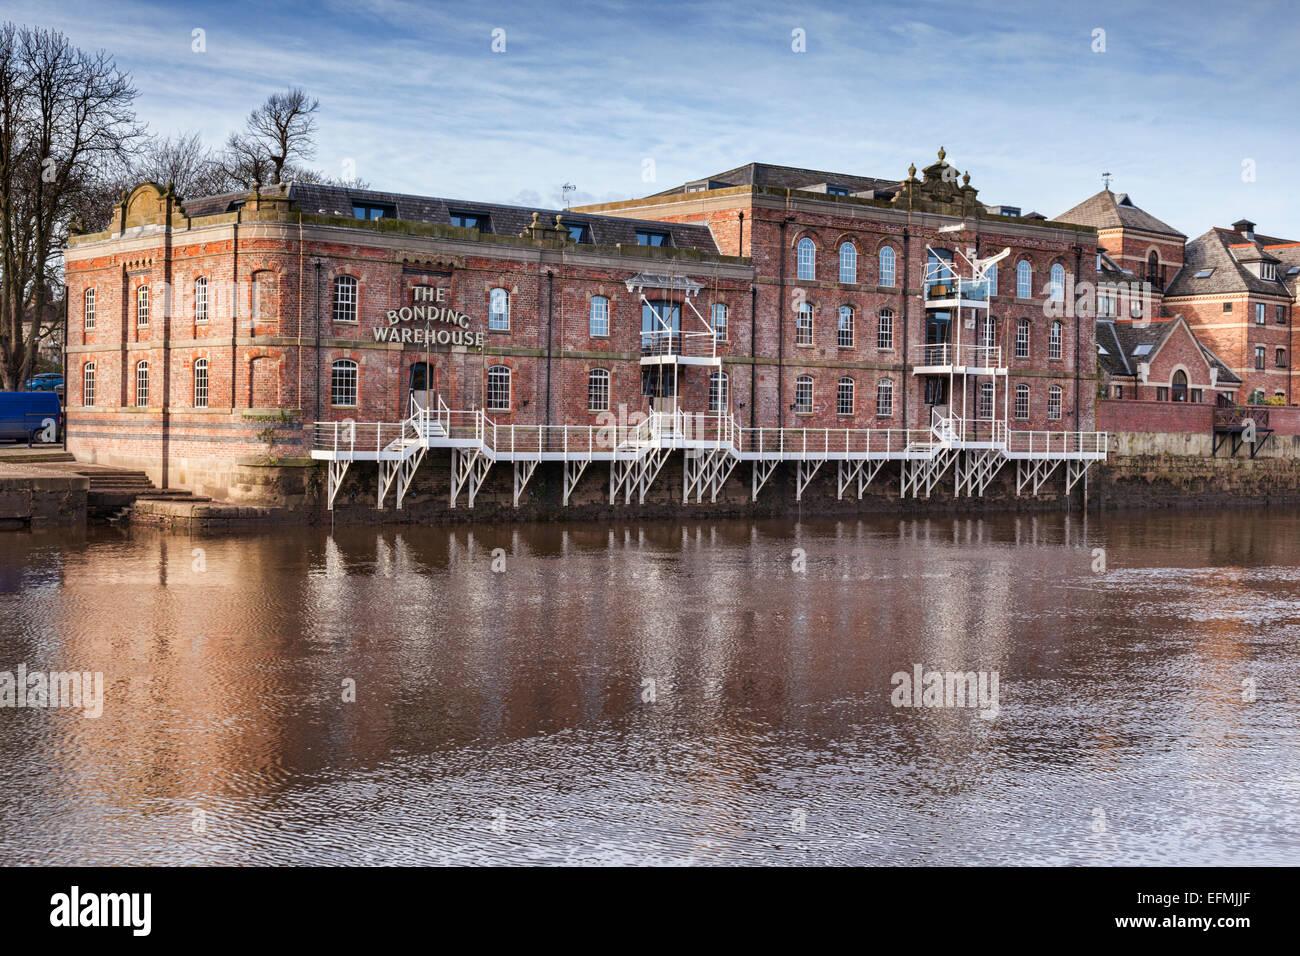 Entrepôt d'architecture traditionnelle, sur les rives de la rivière Ouse à York, North Yorkshire, Photo Stock